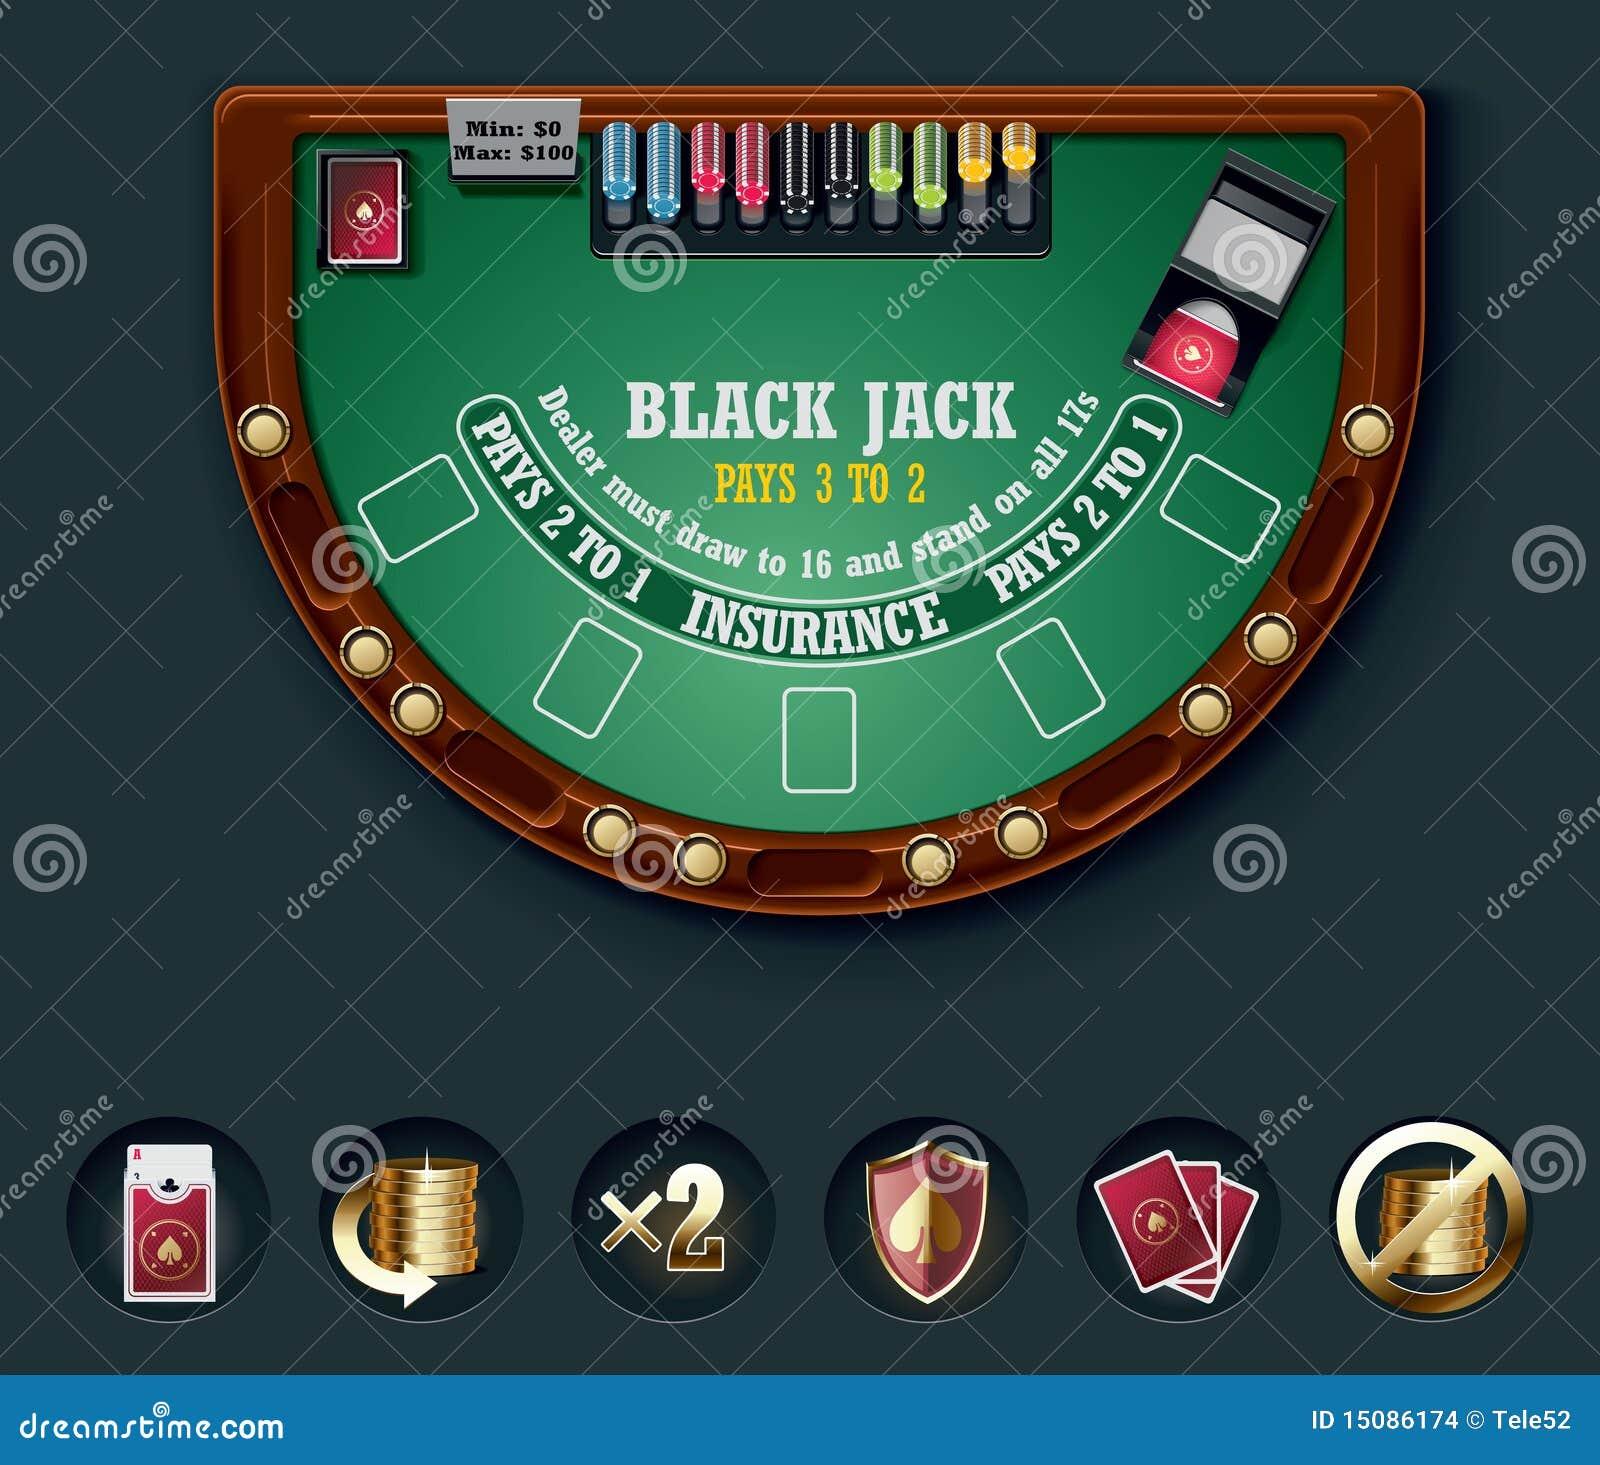 Blackjack Table Layout Stock Illustrations U2013 55 Blackjack Table Layout  Stock Illustrations, Vectors U0026 Clipart   Dreamstime